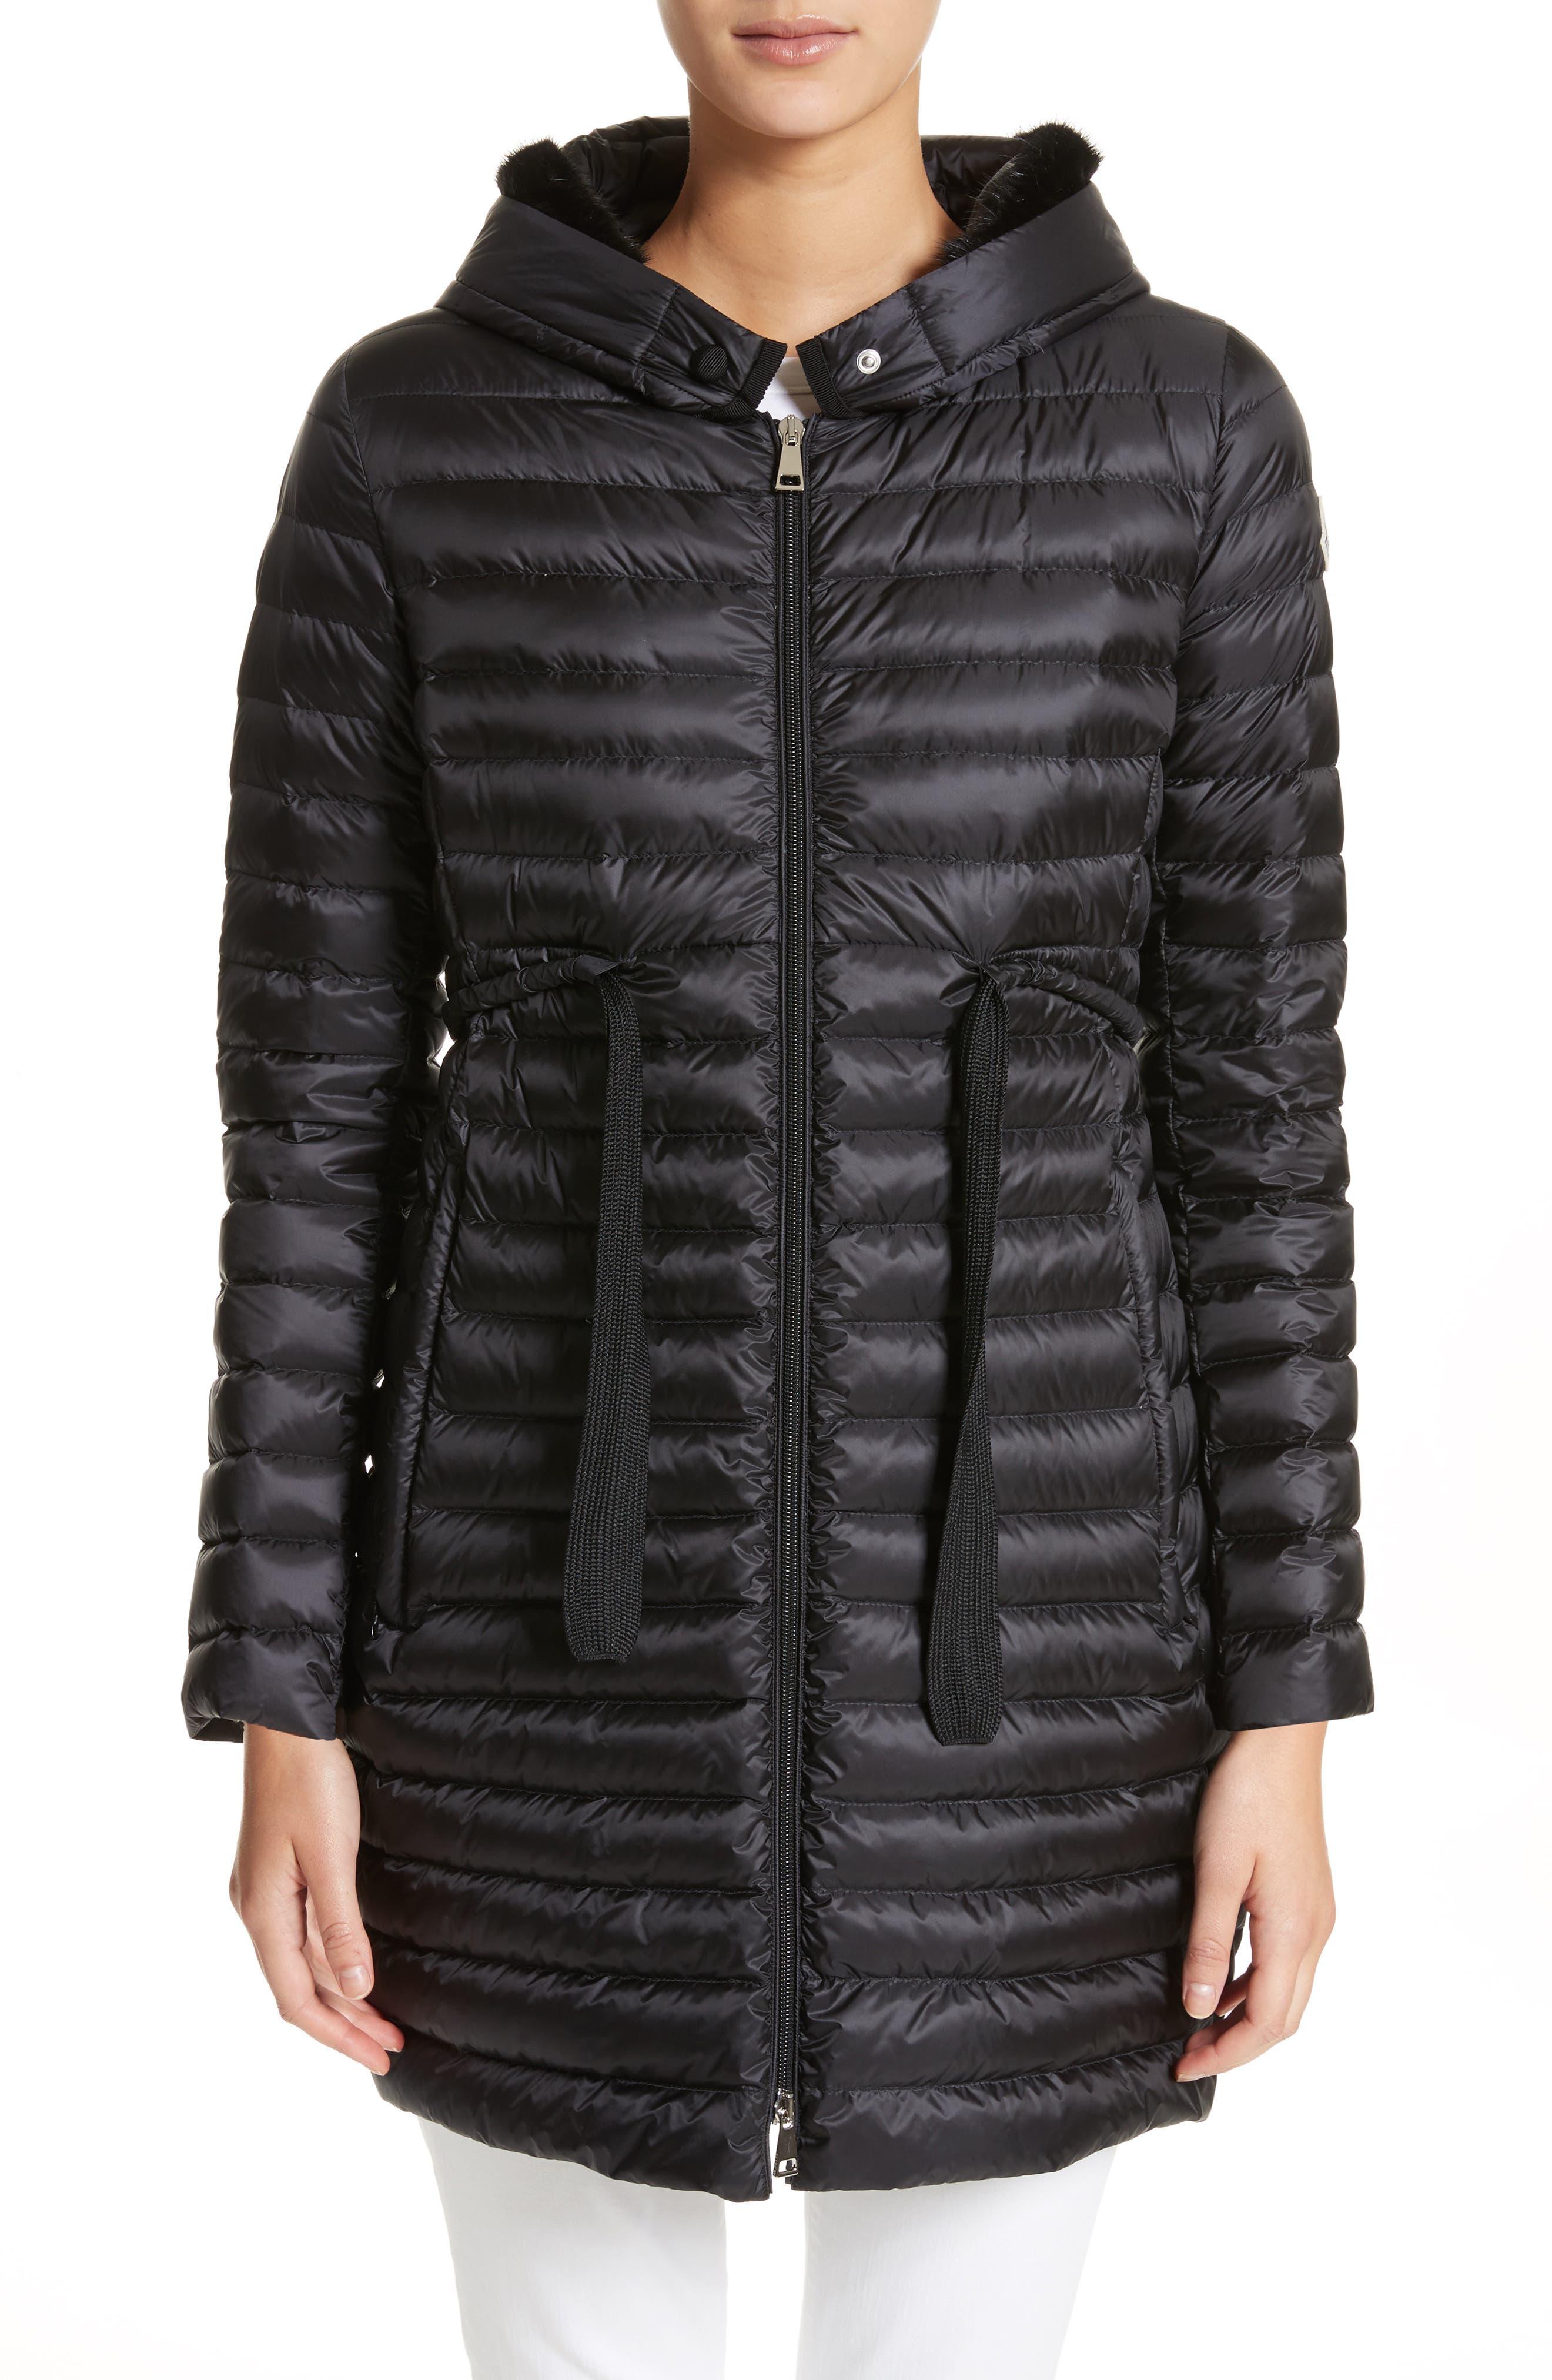 Moncler Barbel Hooded Down Coat with Genuine Mink Fur Trim